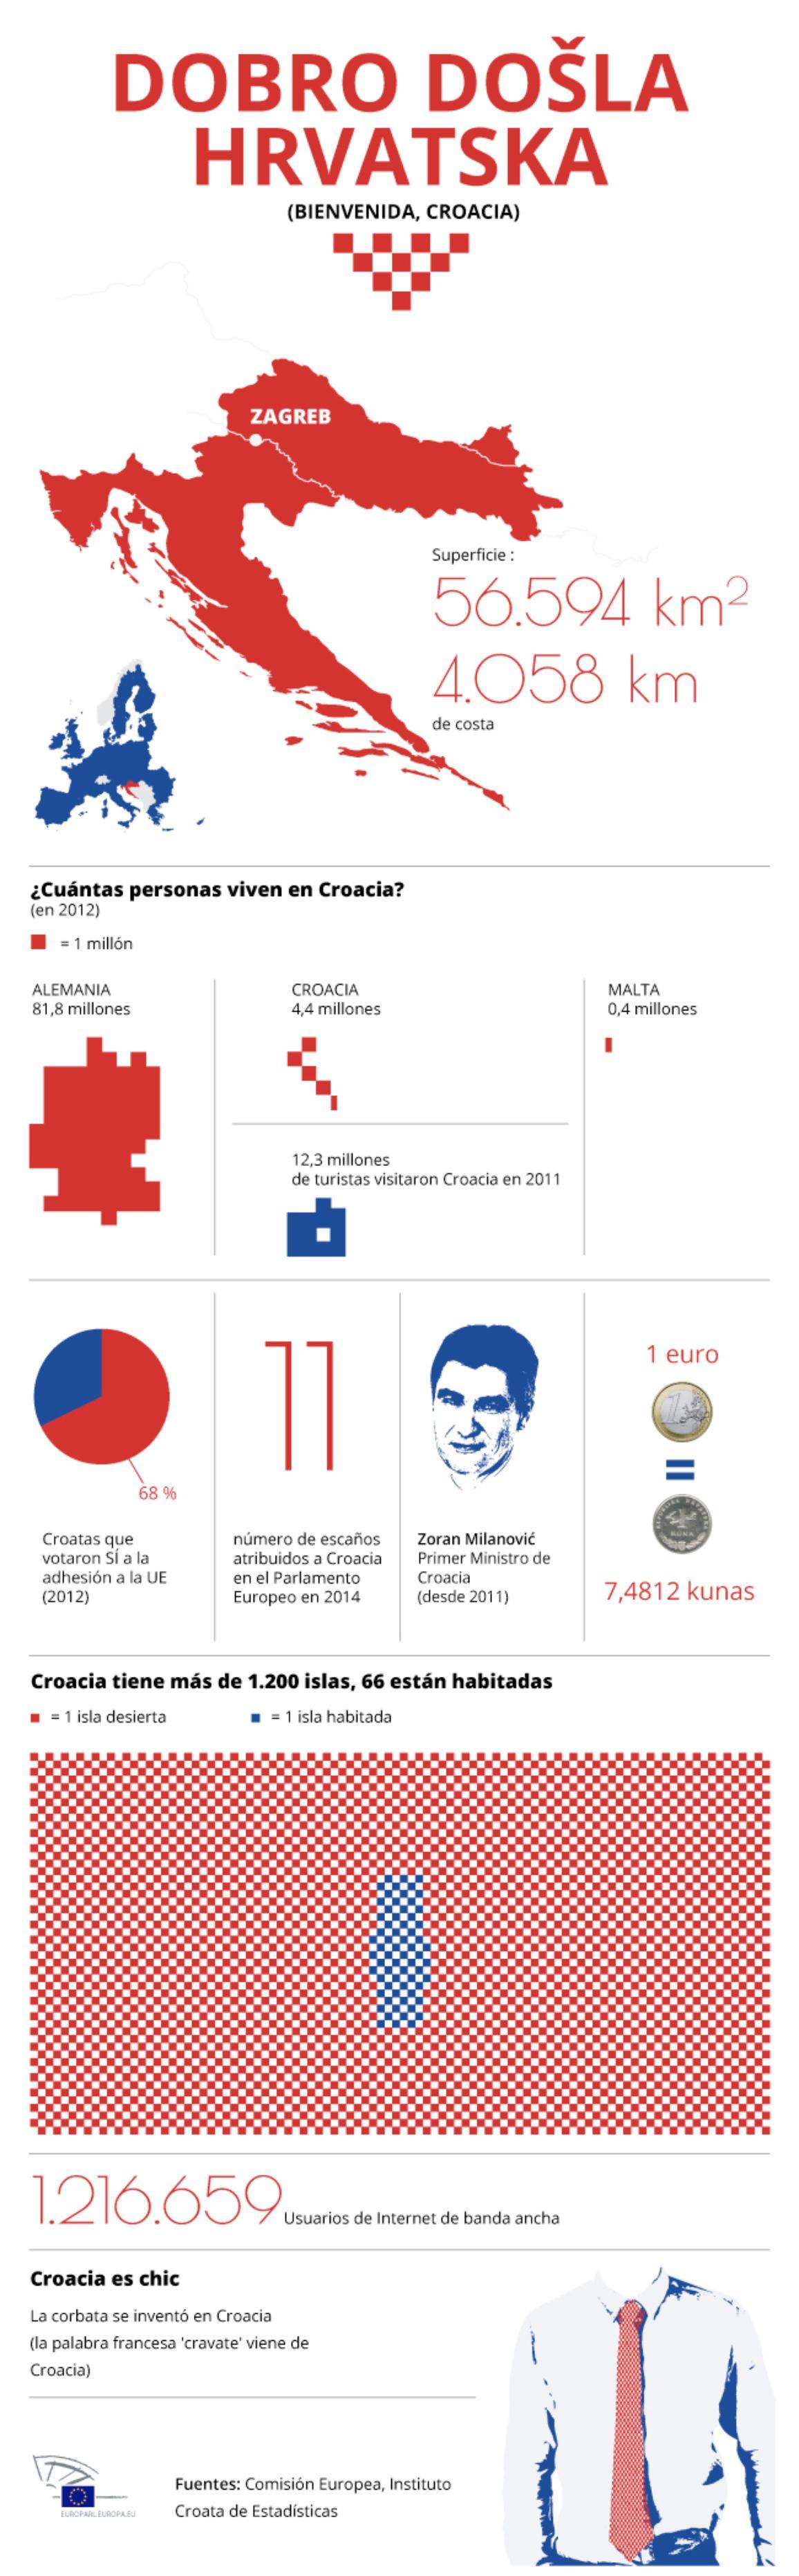 Infografía sobre Croacia, el nuevo Estado de la UE